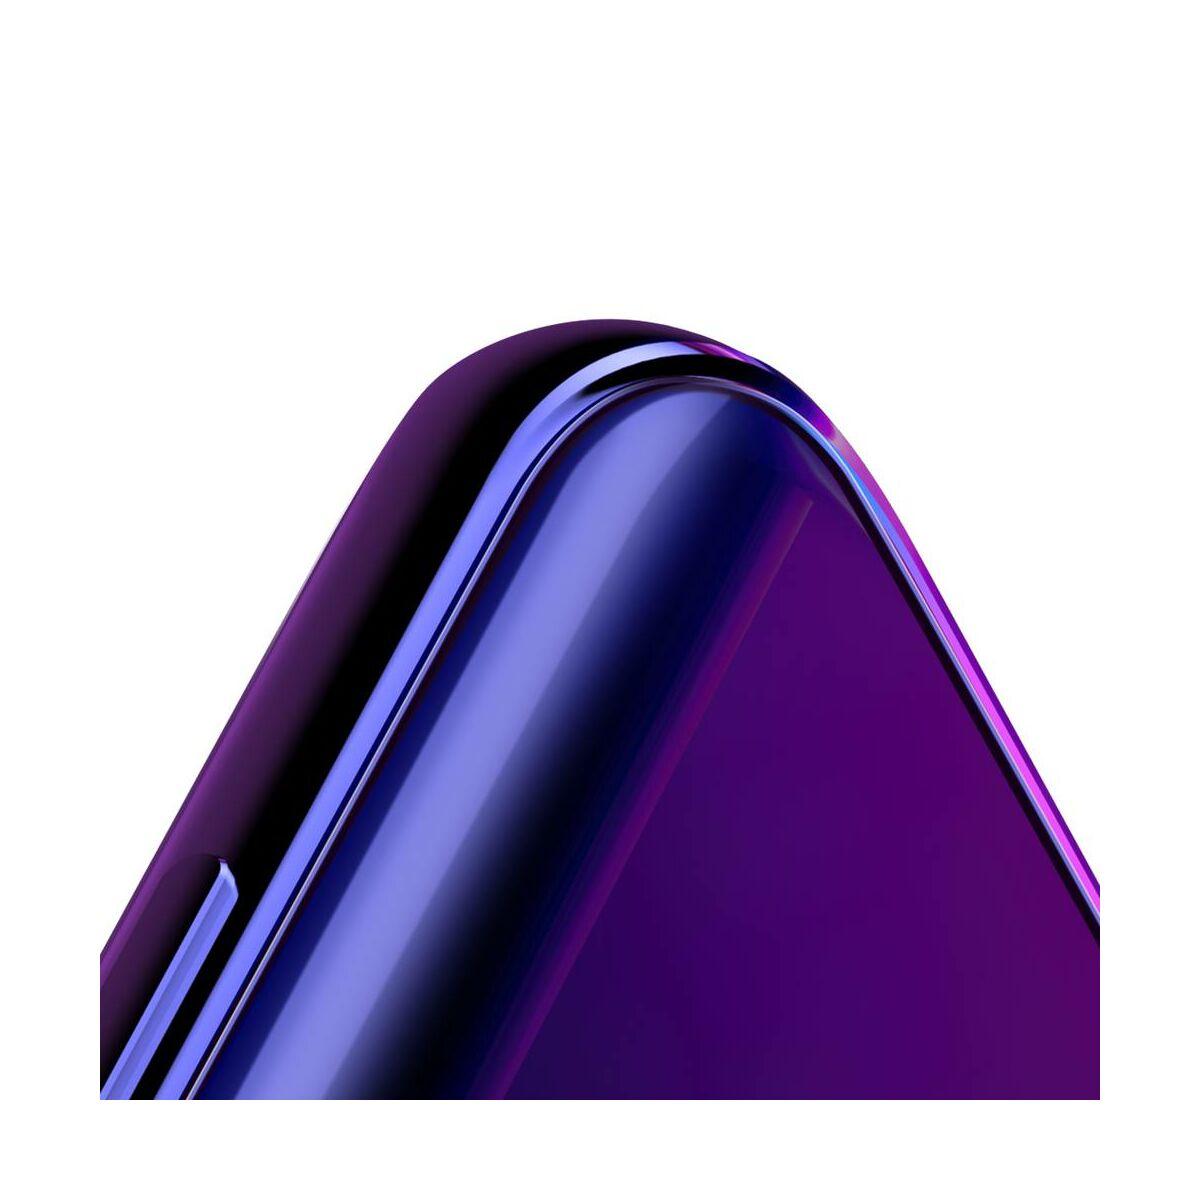 Baseus Samsung S10 0.15 mm, teljes felületre kékfény szűrős kijelzővédő film, fekete (SGSAS10-KR01)